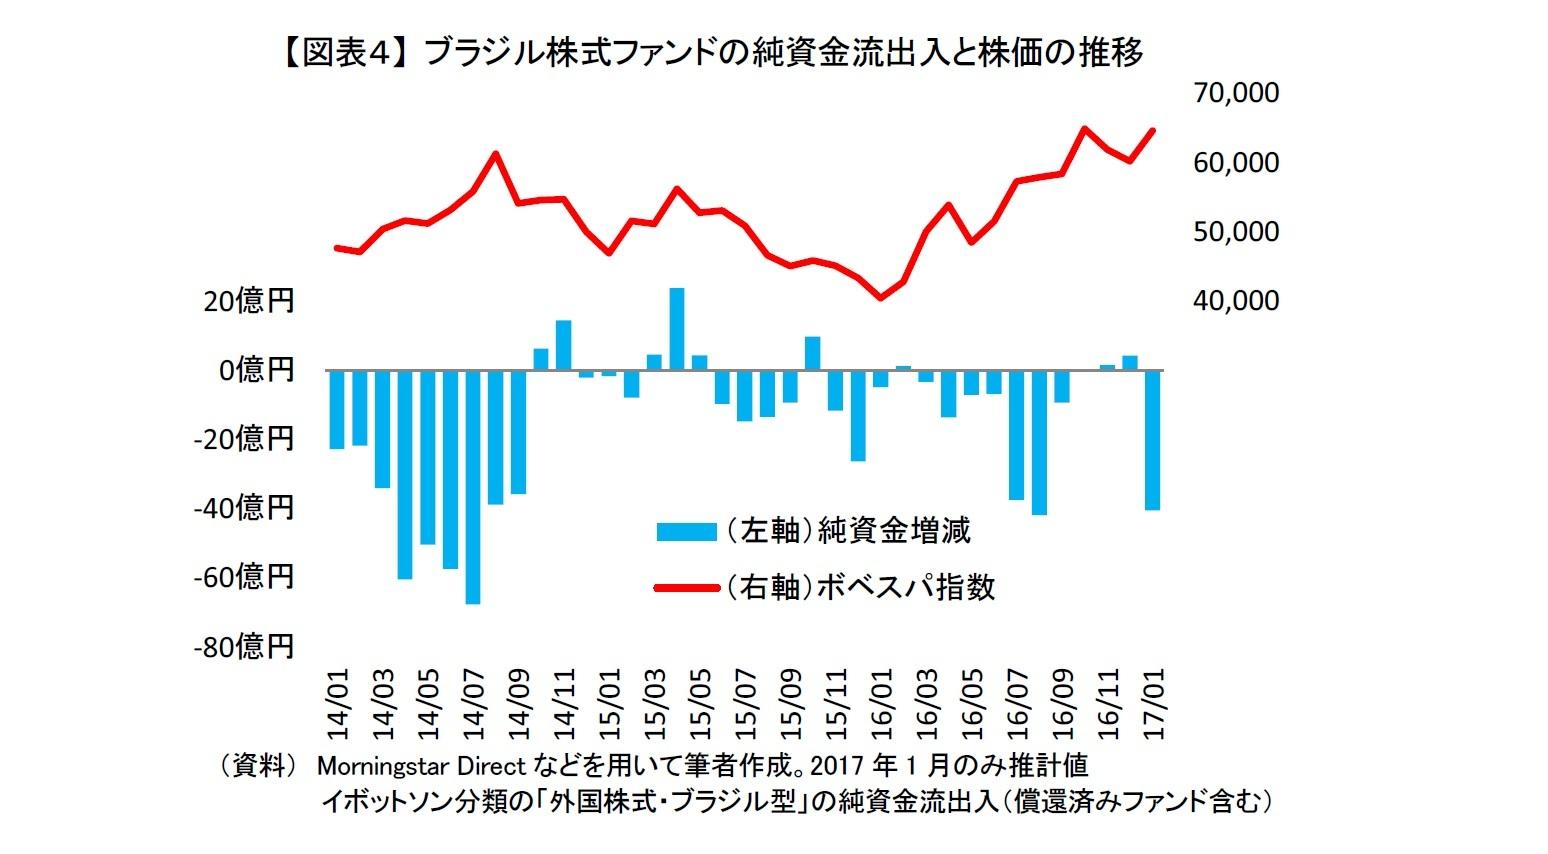 【図表4】 ブラジル株式ファンドの純資金流出入と株価の推移